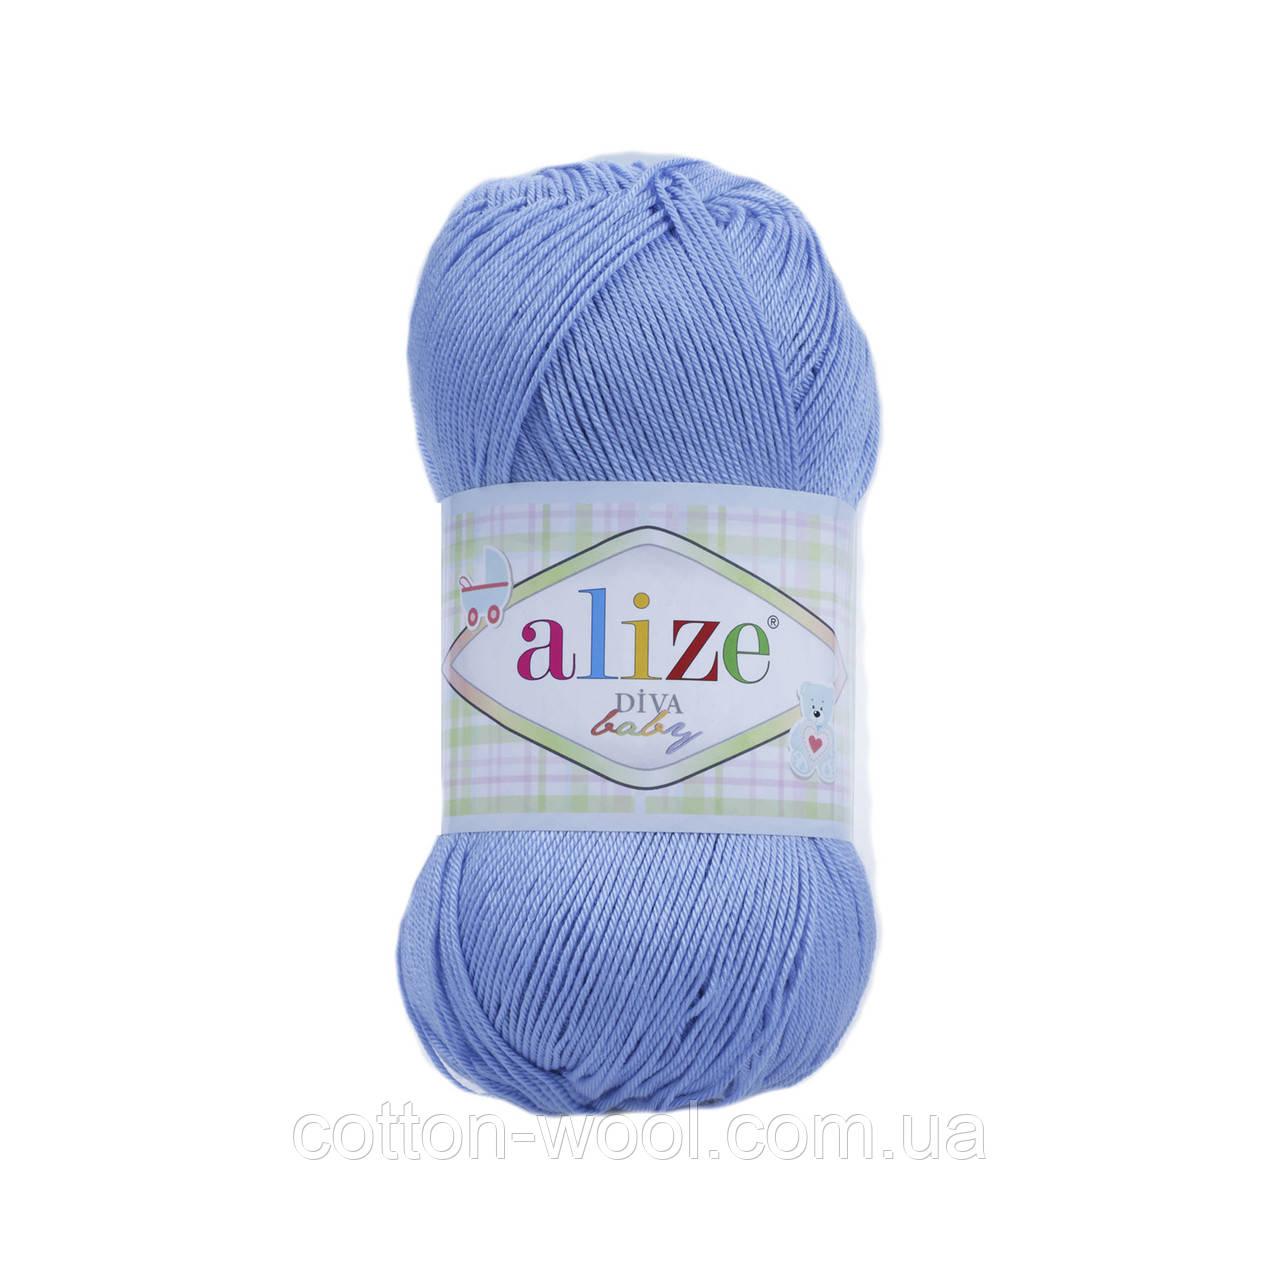 Alize Diva Baby (Дива Беби) 112 100% микрофибра акрил